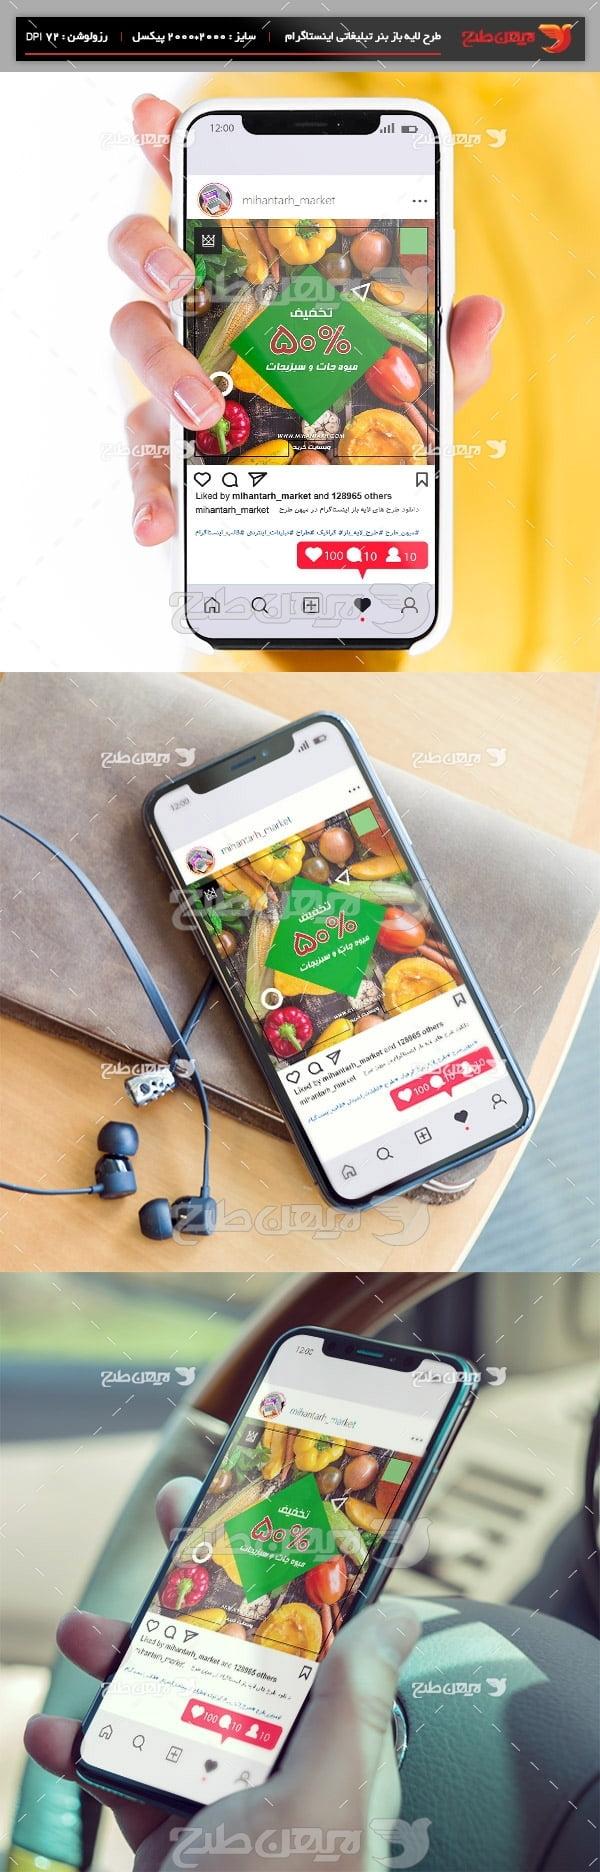 طرح لایه باز قالب بنر تبلیغاتی اینستگرام تخفیف میوه فروشی